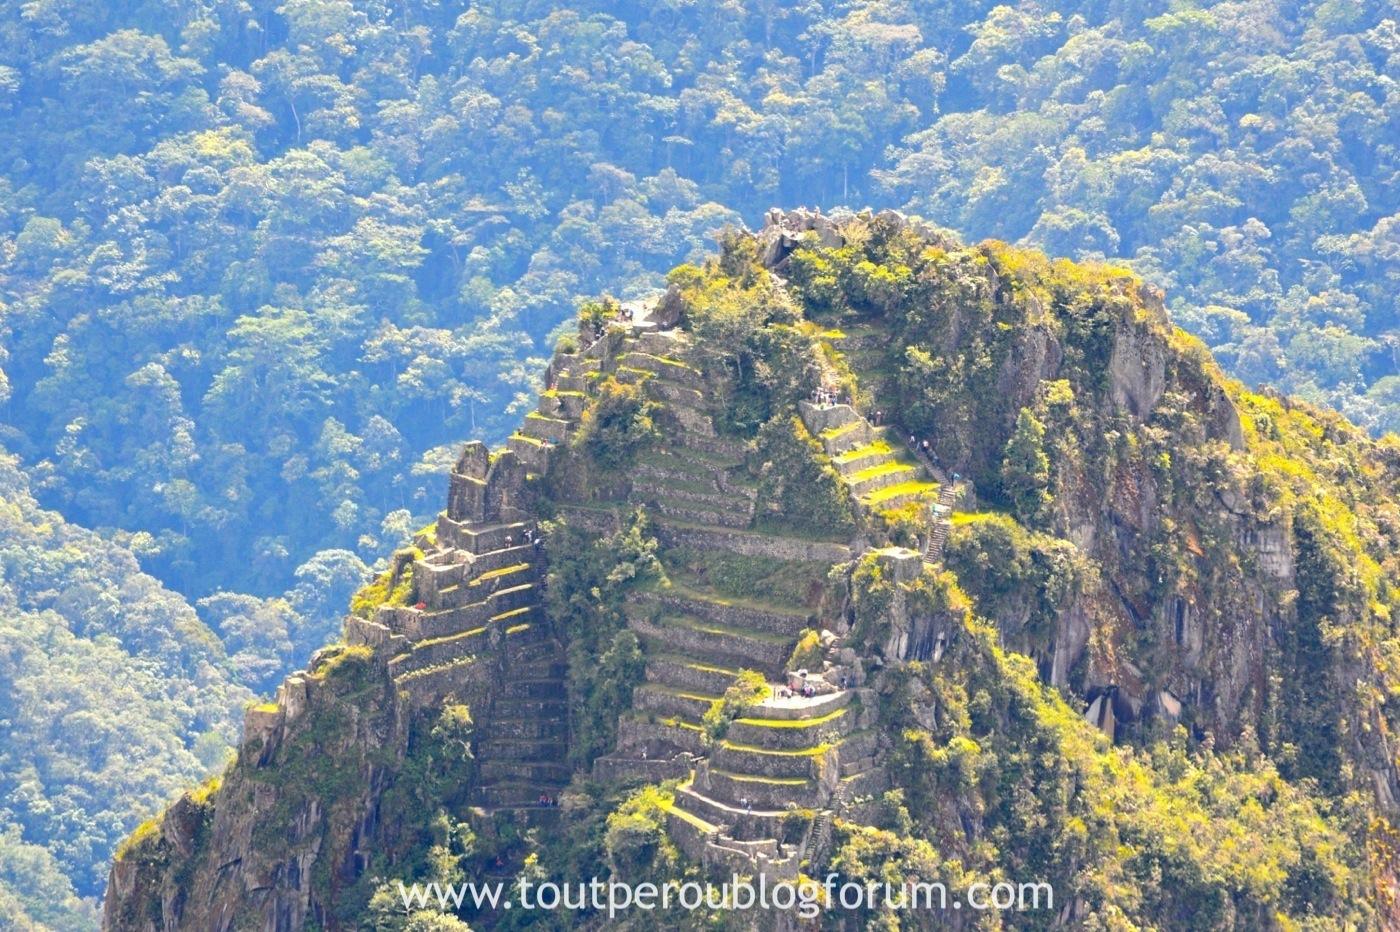 Wayna Picchu Blog Forum Tout Pérou